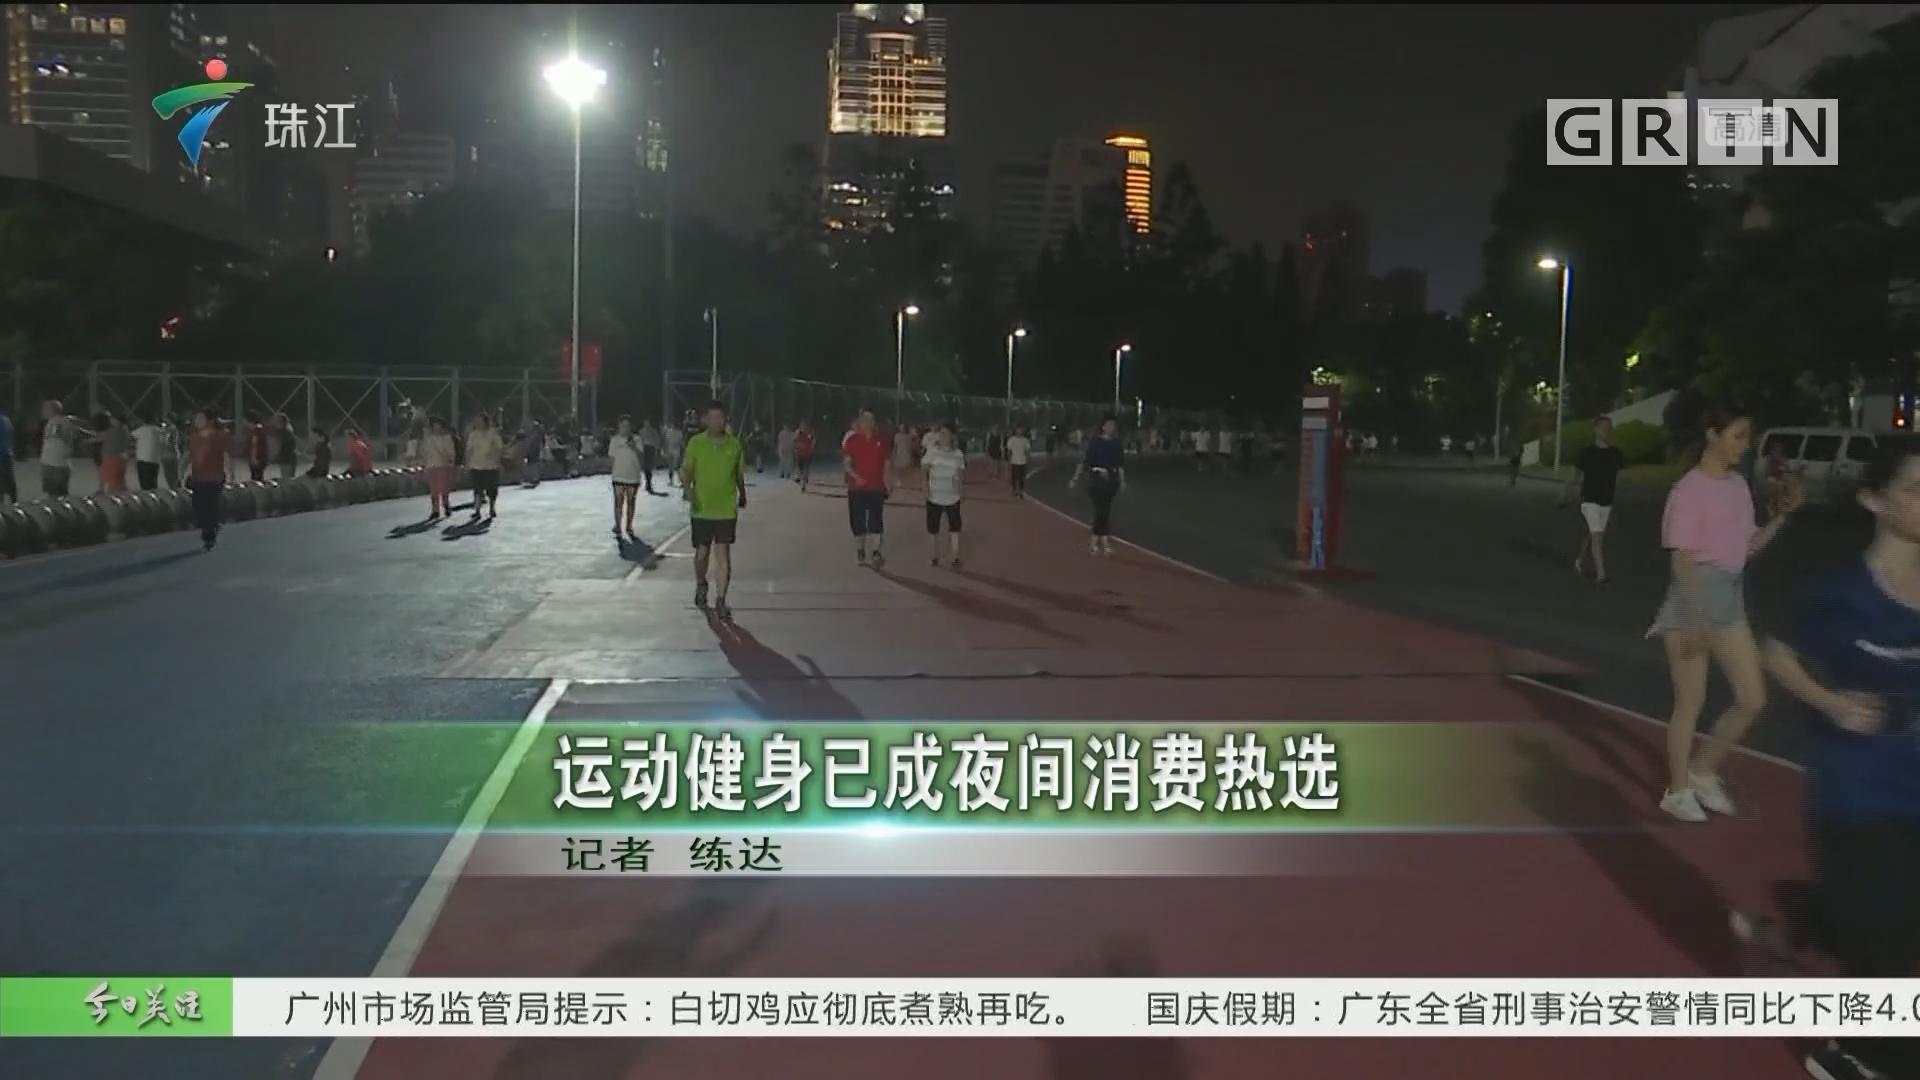 運動健身已成夜間消費熱選